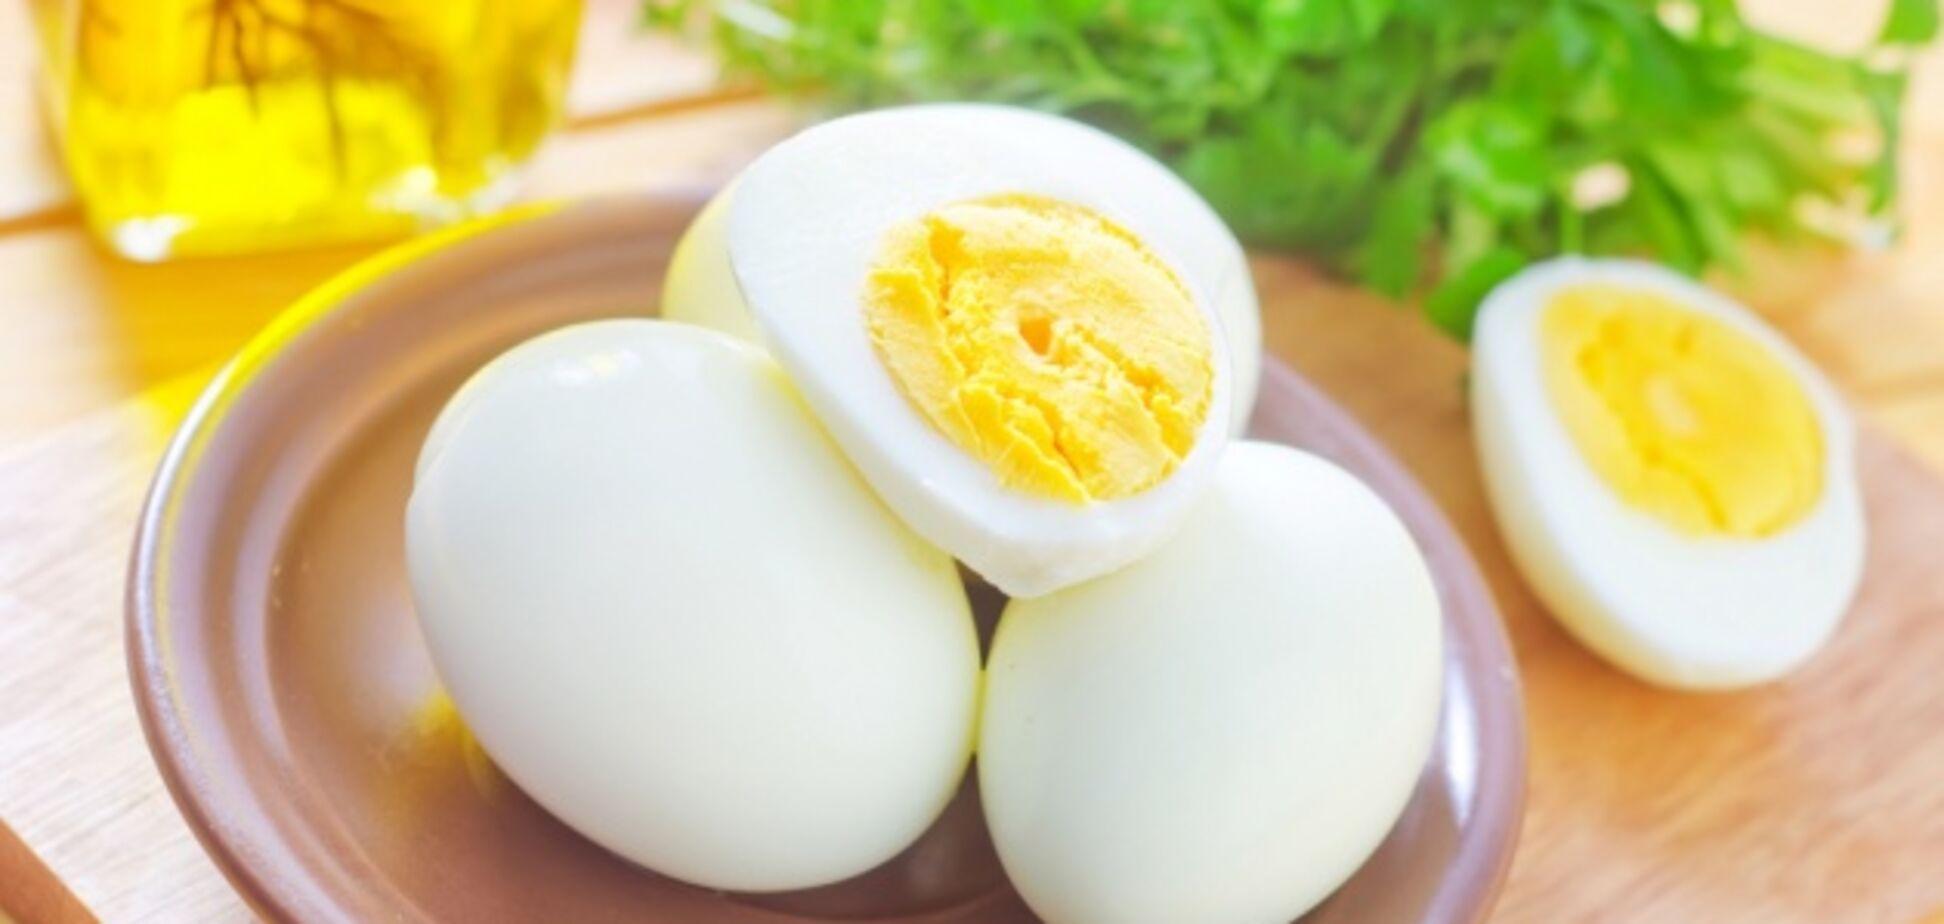 Яйца можно есть два-три раза в неделю. Это миф?